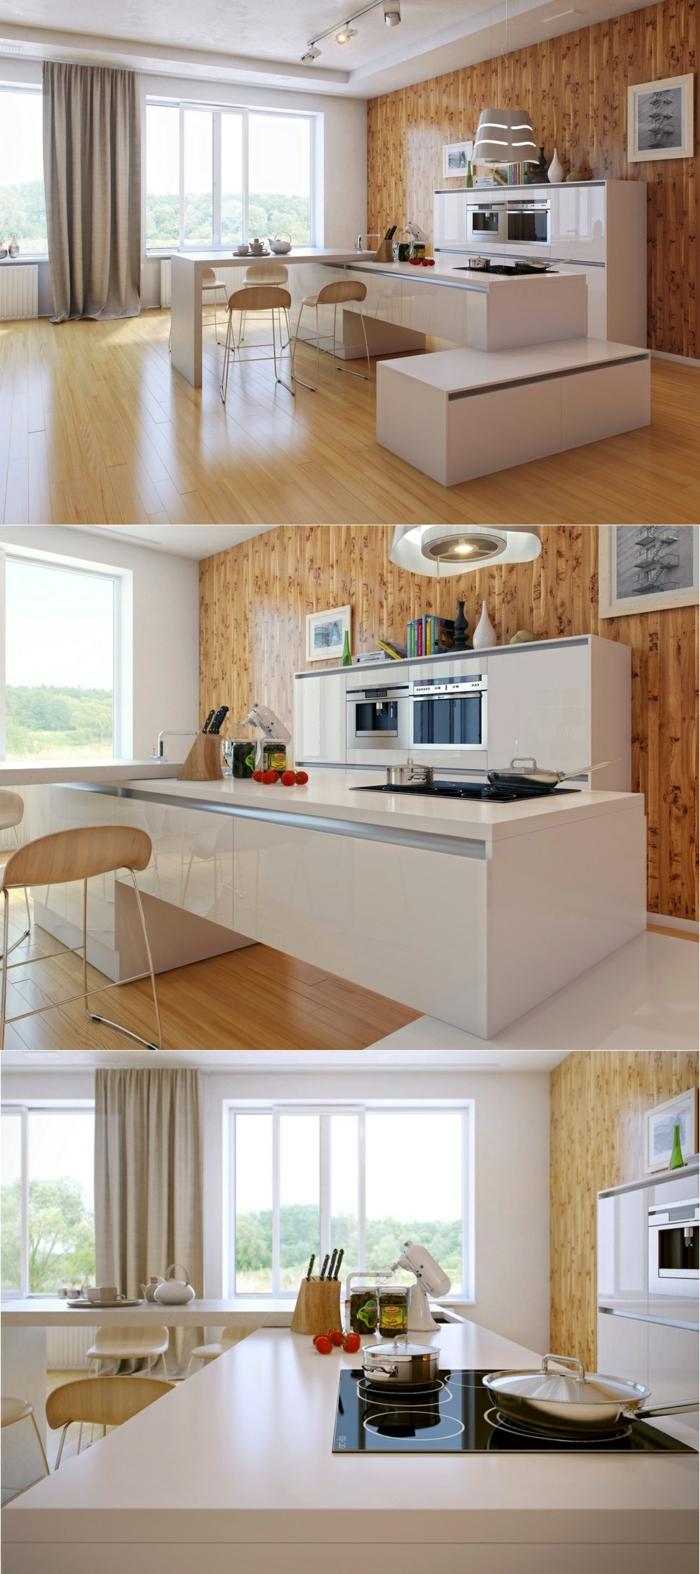 collage tres fotop encimeras cocina